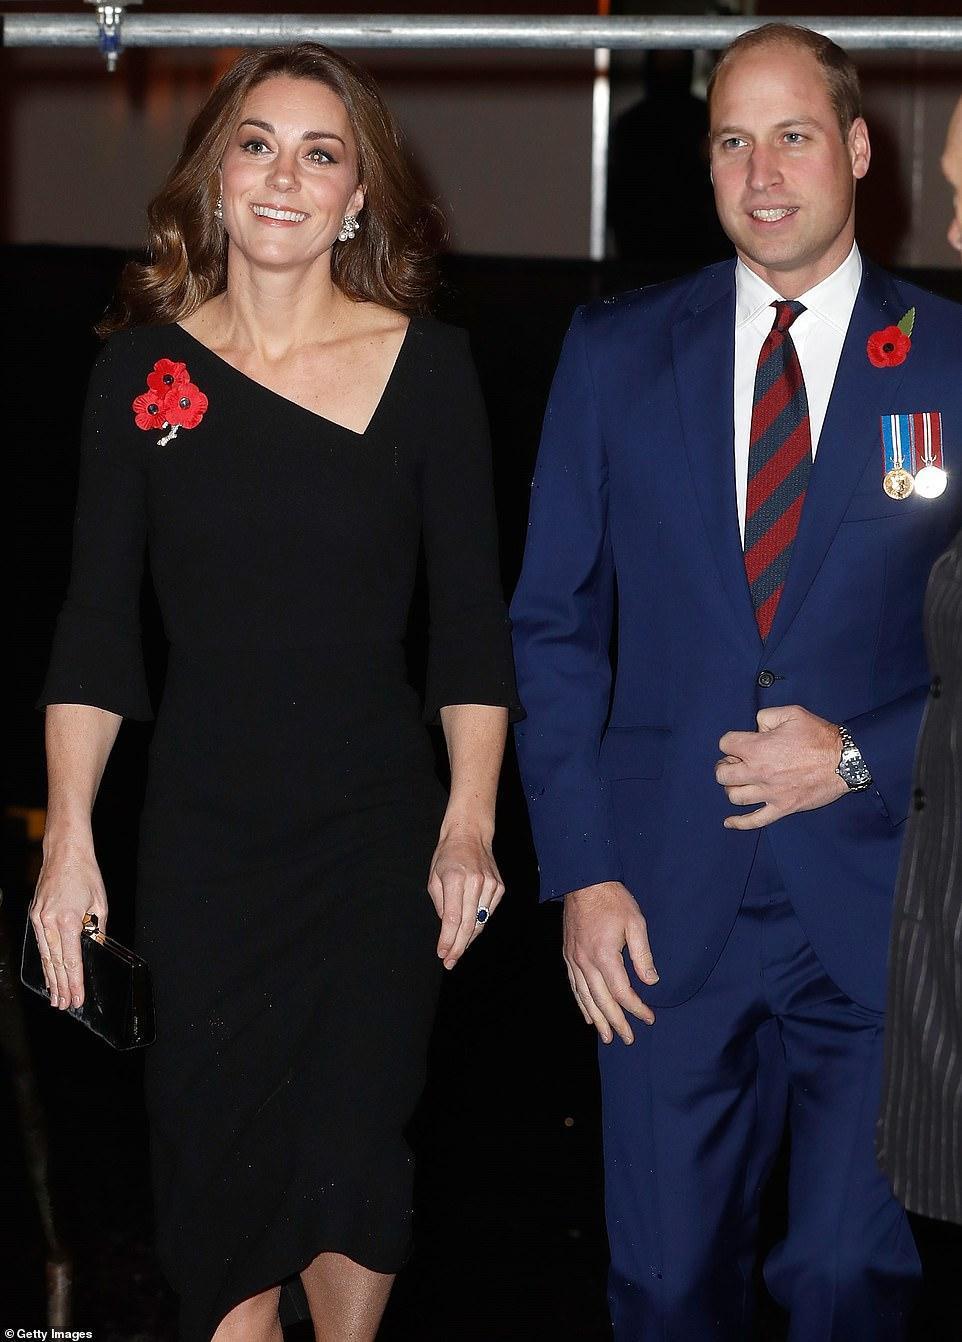 王室齊聚紀念日活動,凱特好少女梅根胖了些,卡米拉笑得最開心 時尚 第4張